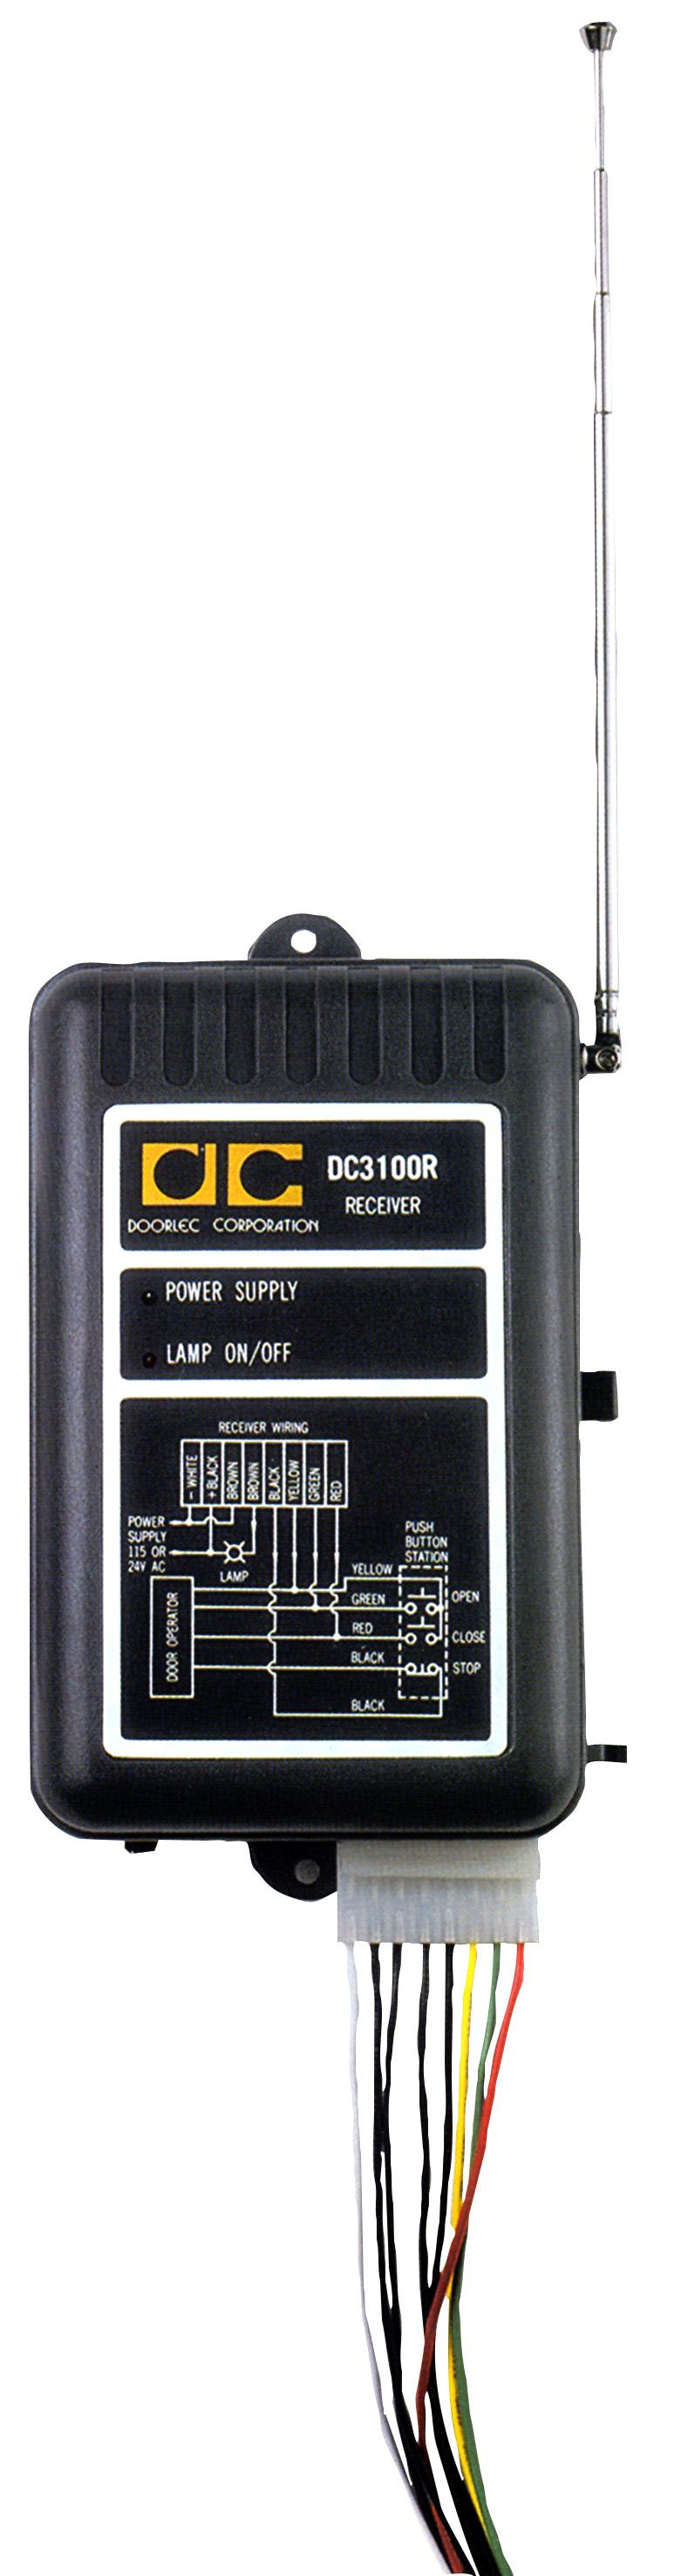 Garage Door Remote Dc3100r Garage Door Openers And Remotes